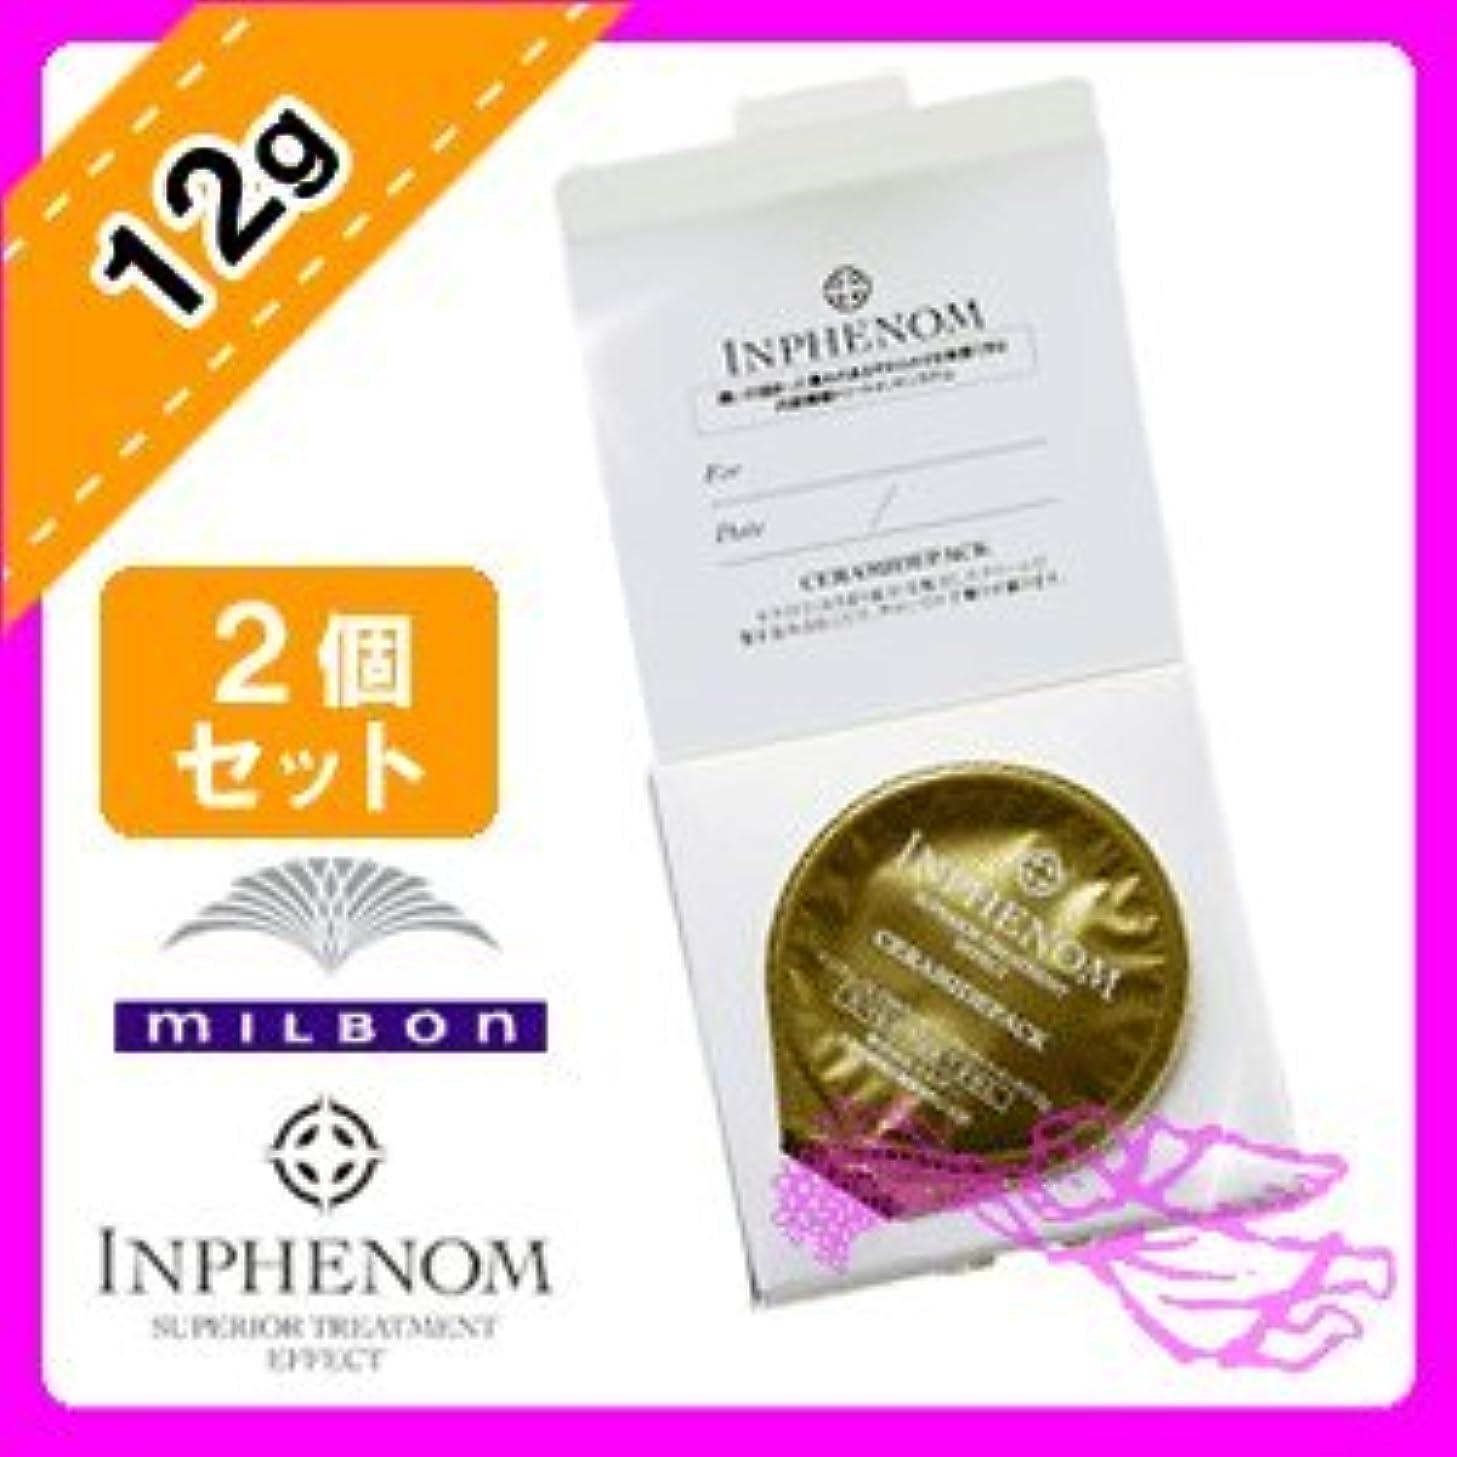 基本的な感じマトロンミルボン インフェノム セラミドパック 12g ×2個セット milbon